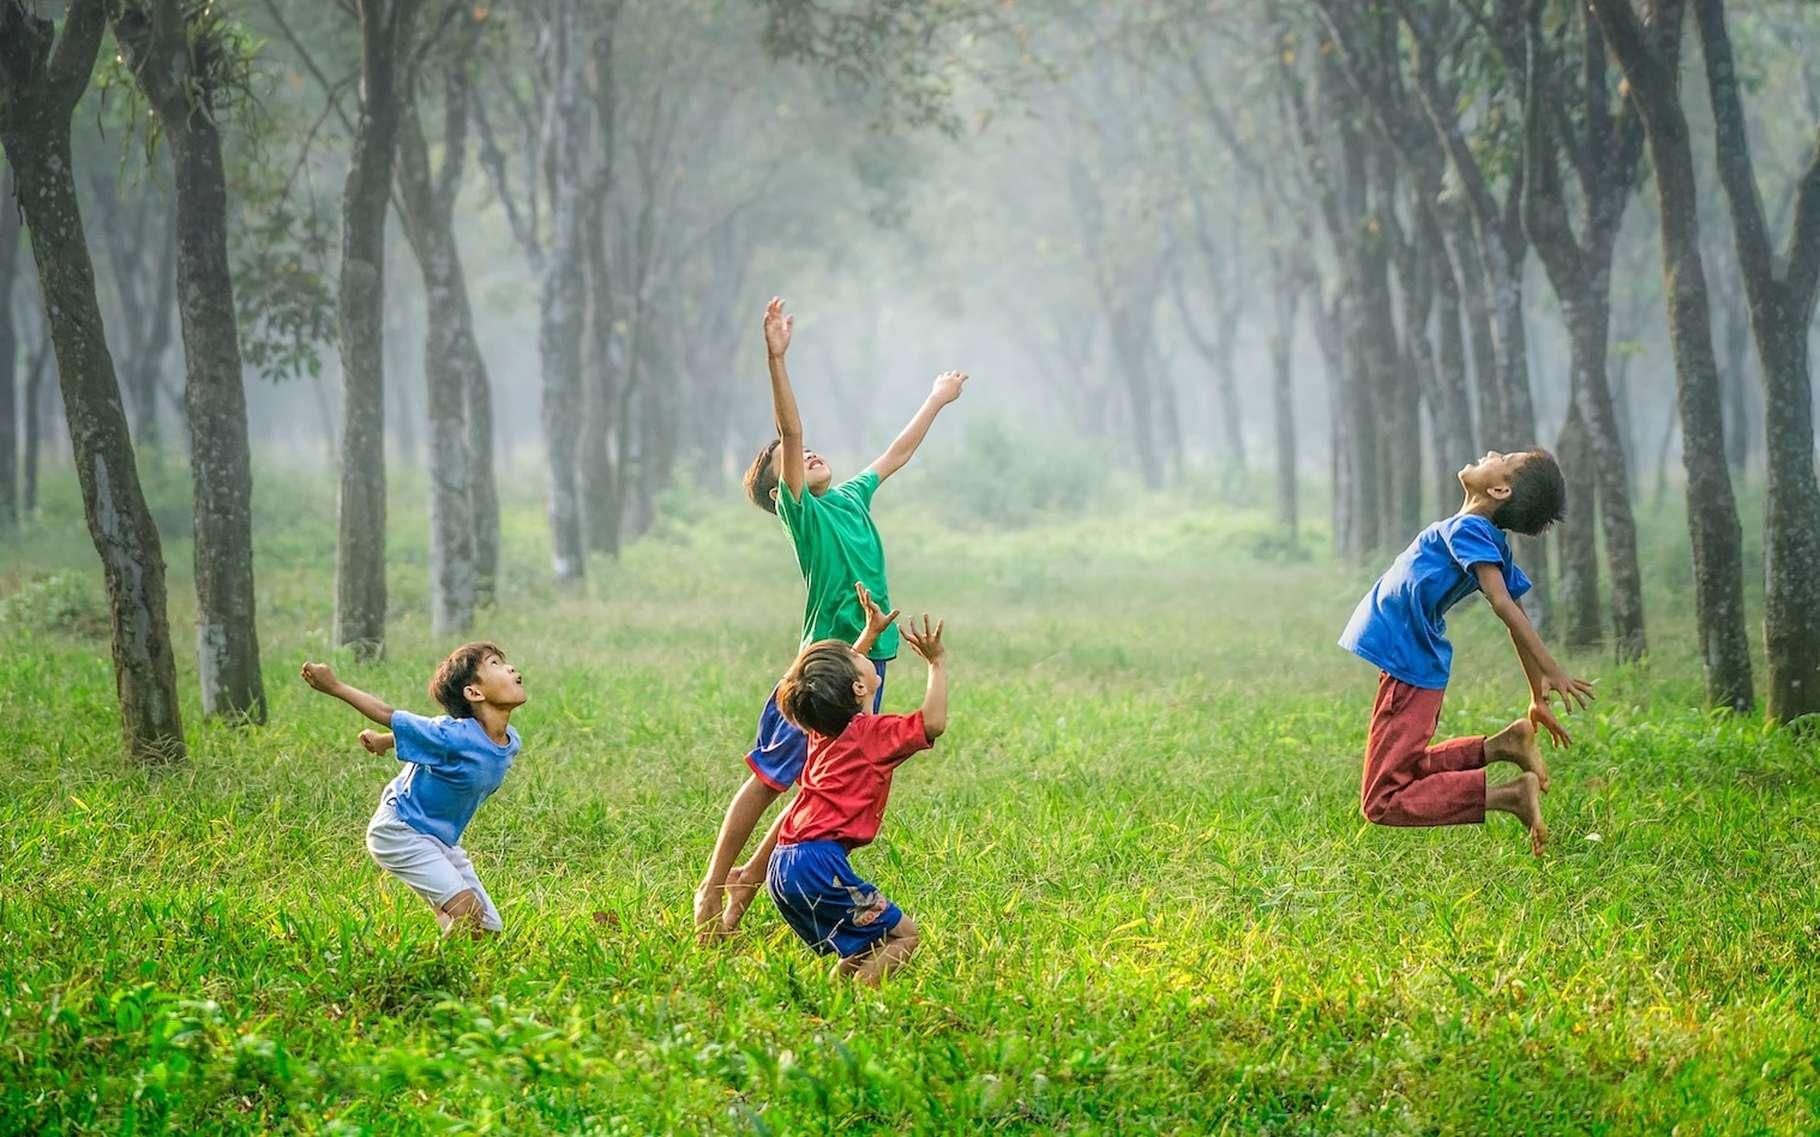 Où les enfants trouvent-ils l'énergie de jouer encore et toujours alors que leurs parents sont depuis longtemps épuisés? © Robert Collins, Unsplash